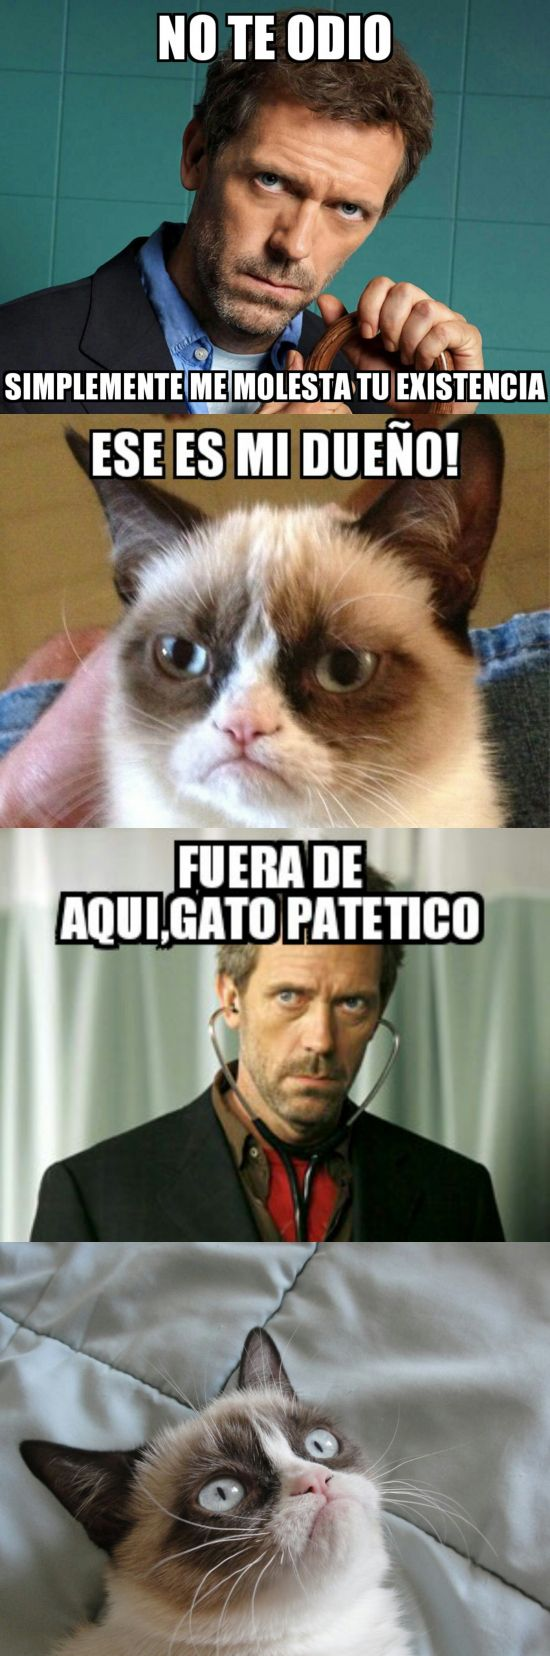 CC_2372513_grumpy_cat_grumpy_ha_recibido_una_cucharada_de_su_propia_medicina